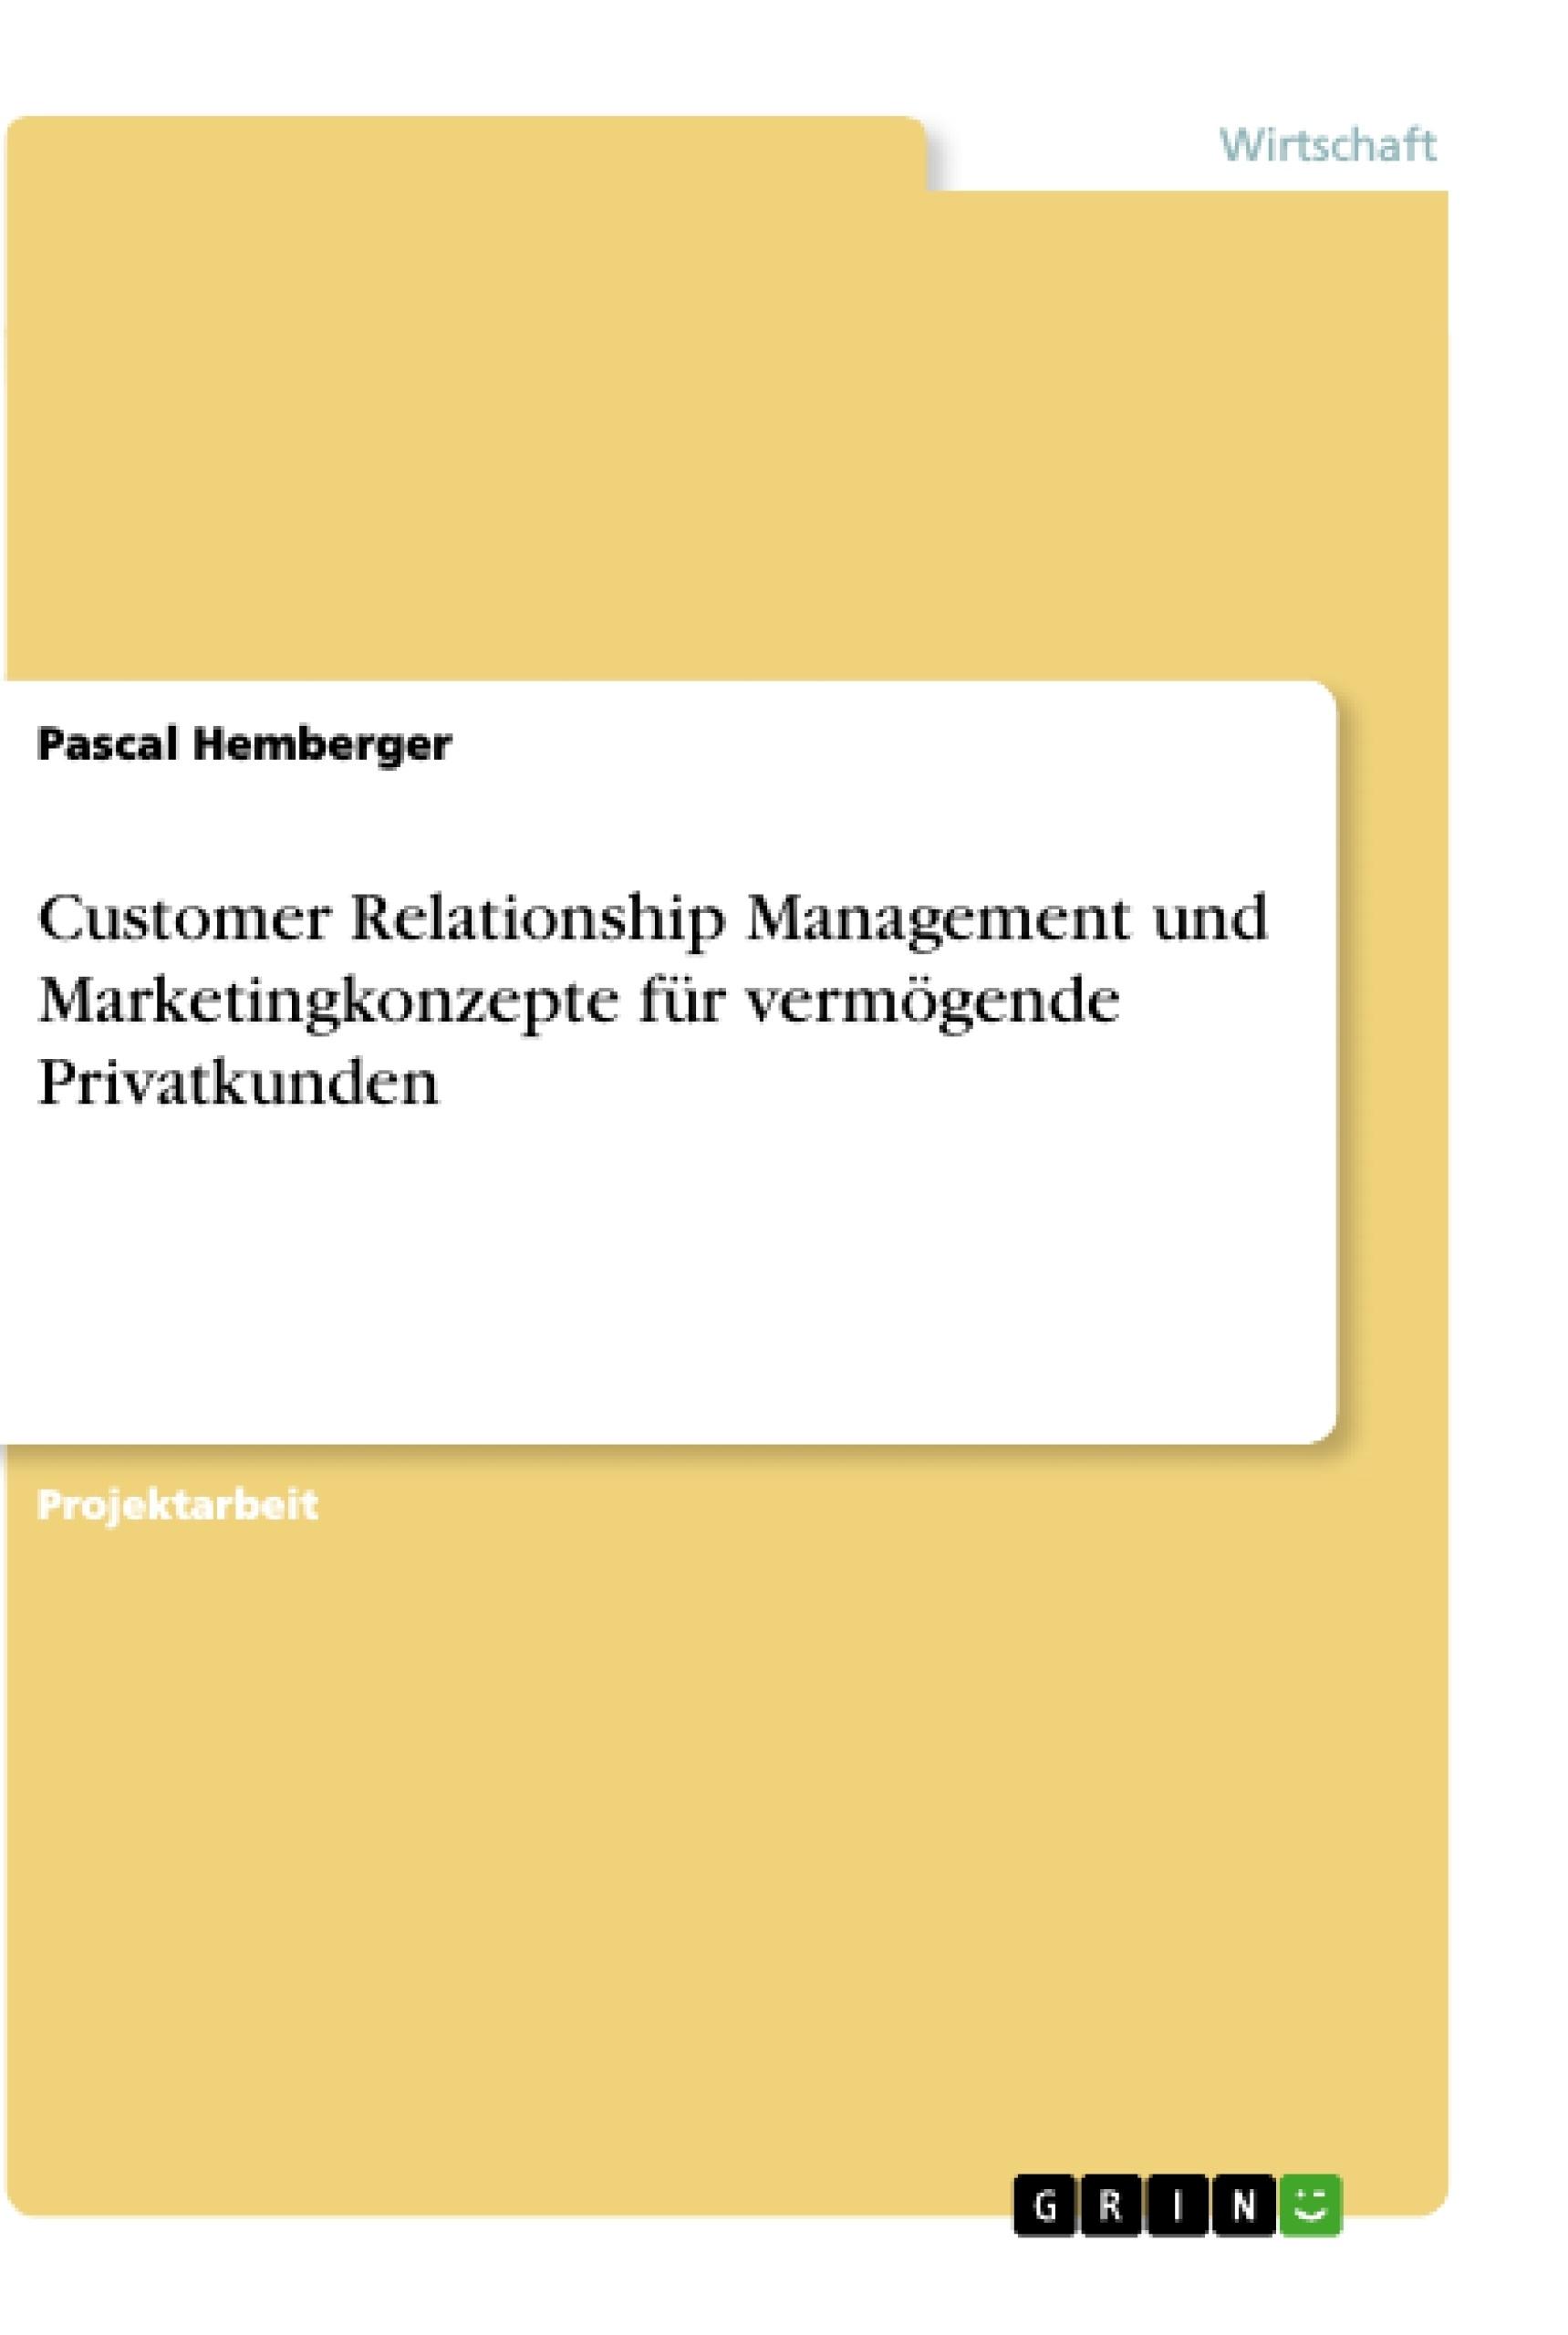 Titel: Customer Relationship Management und Marketingkonzepte für vermögende Privatkunden